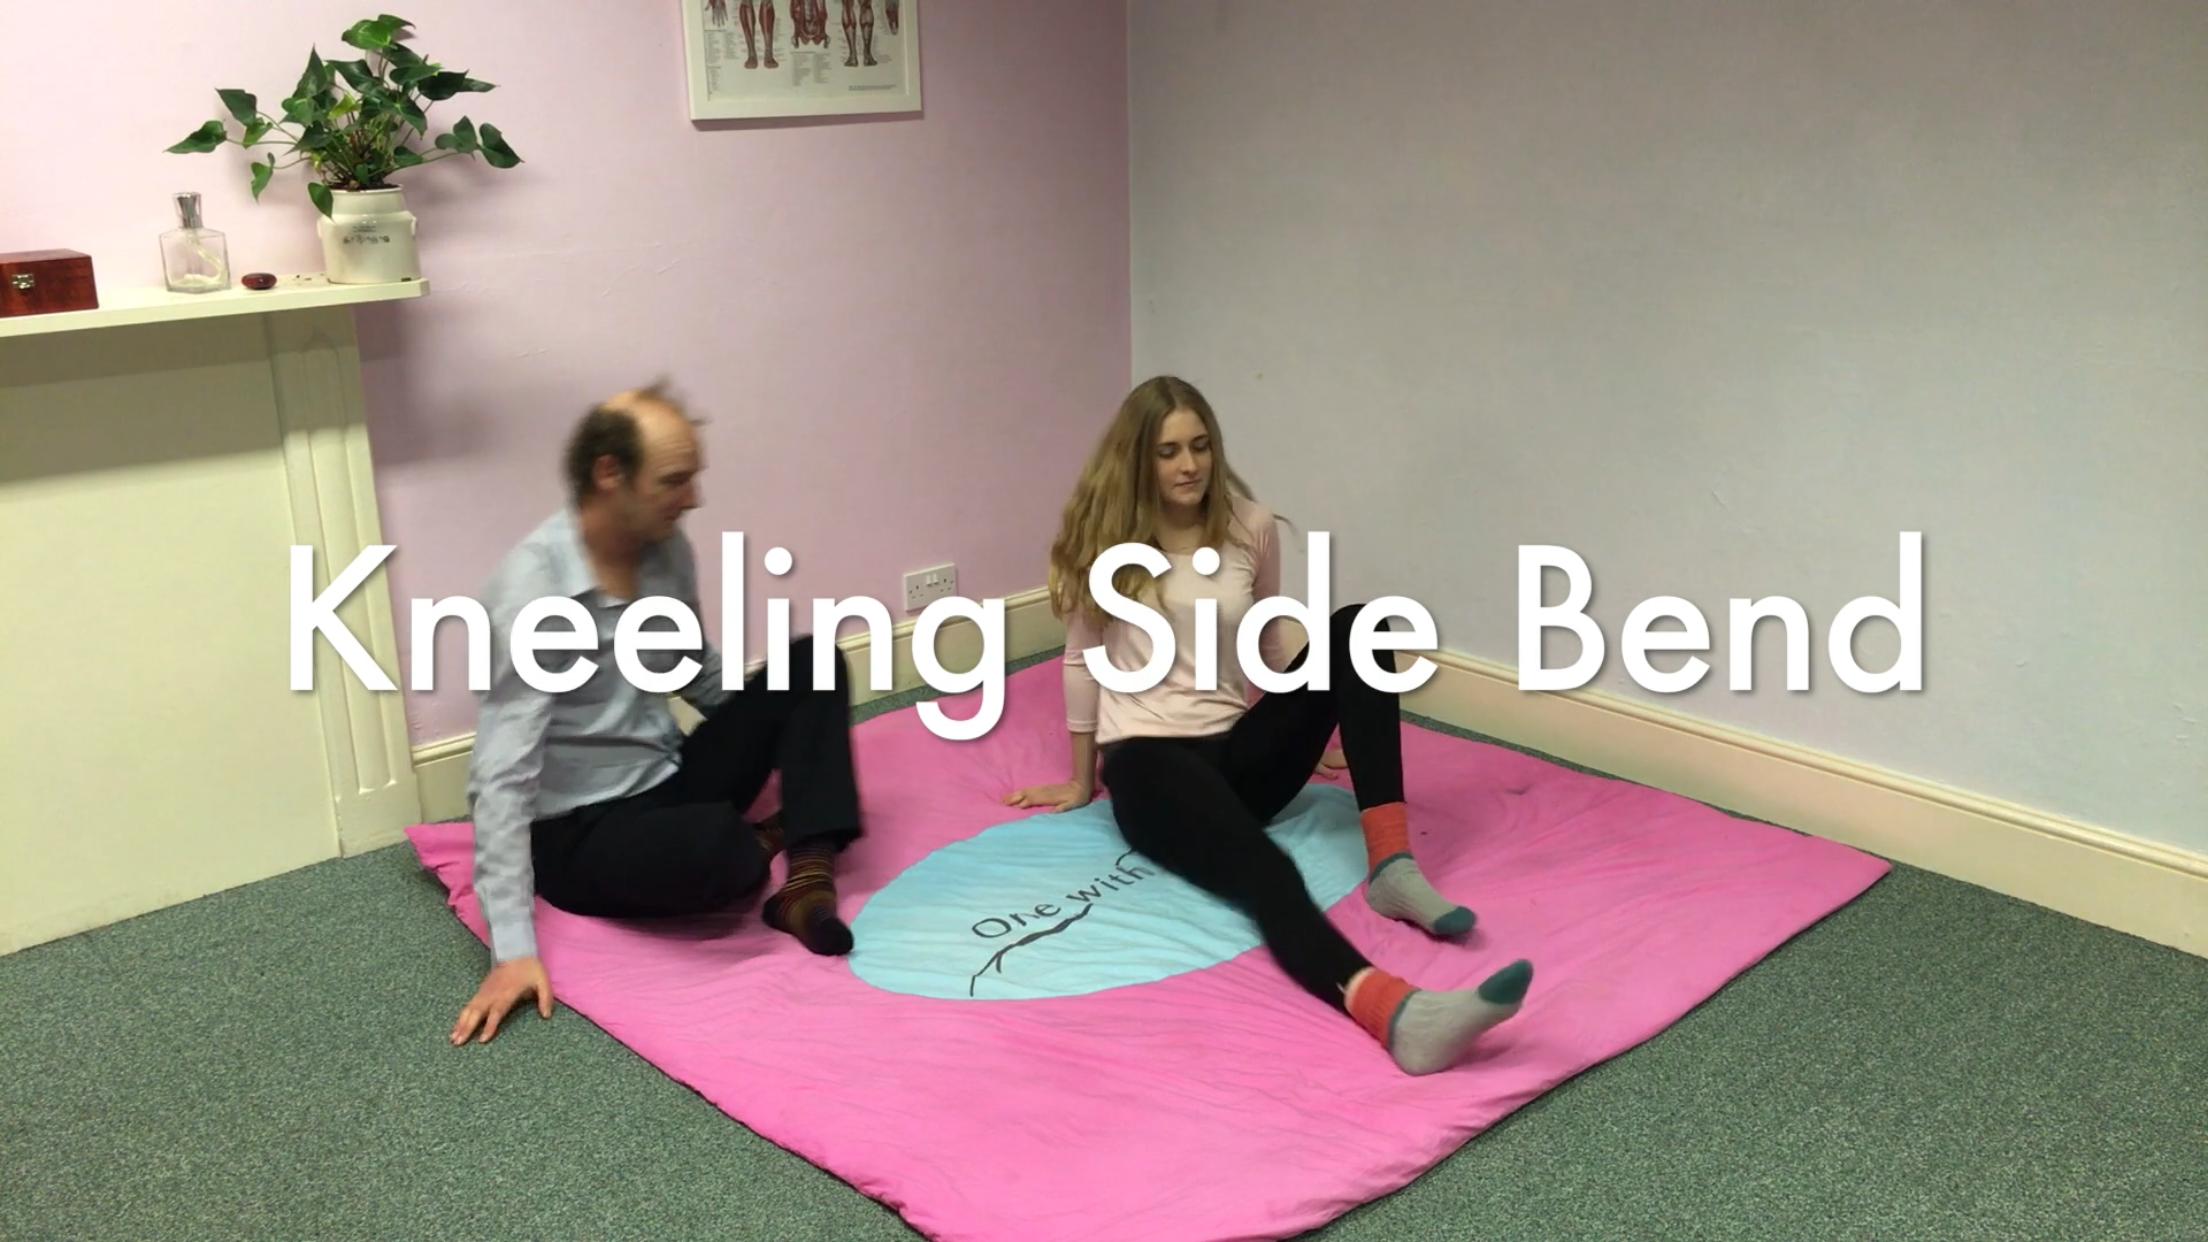 Kneeling Side Bend - 26mins